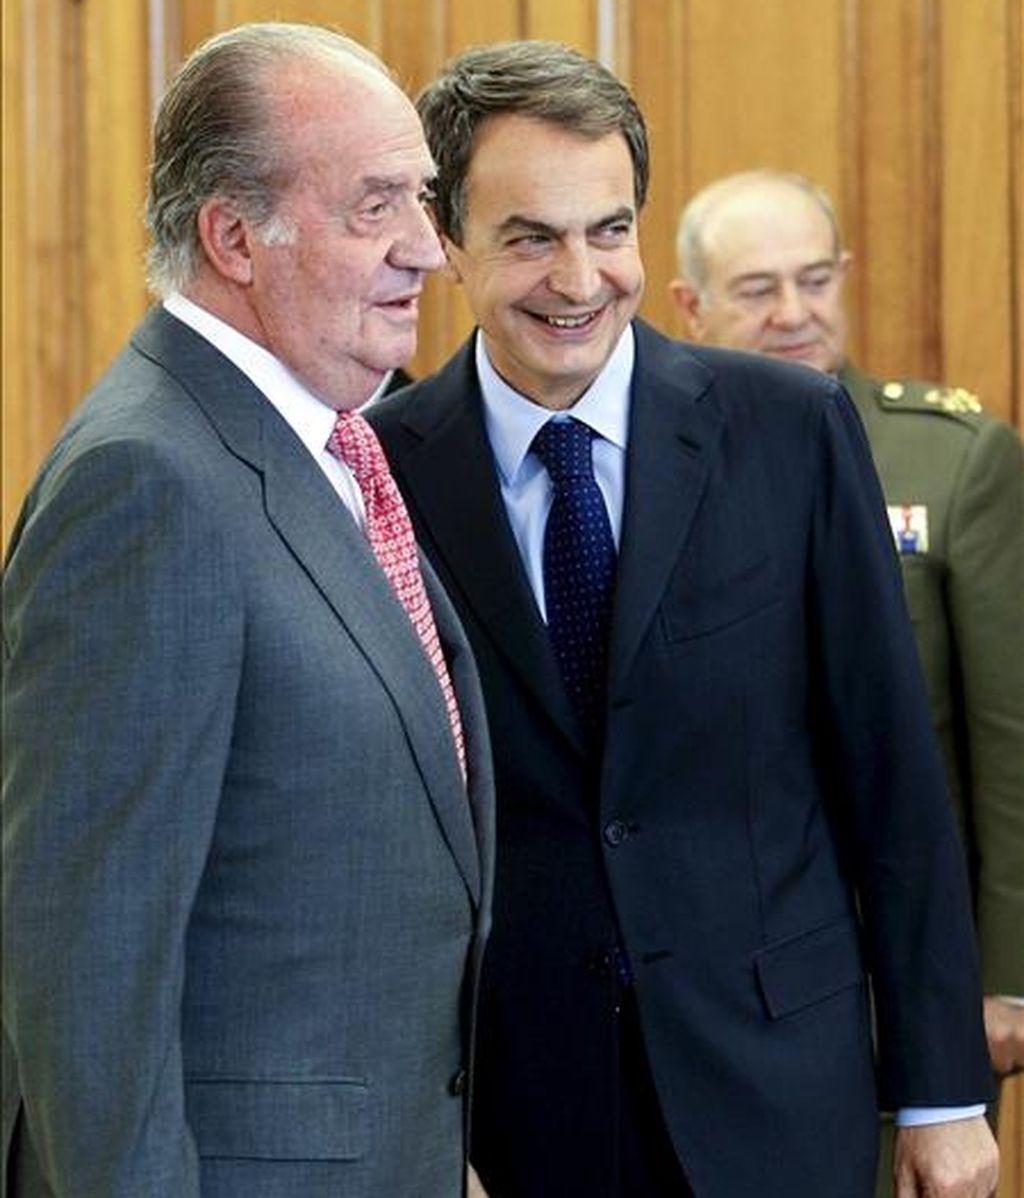 El rey Juan Carlos conversa con el presidente del Gobierno, José Luis Rodríguez Zapatero (d), durante el acto en el que los nuevos ministros prometieron sus cargos, en el Palacio de la Zarzuela. EFE/Archivo